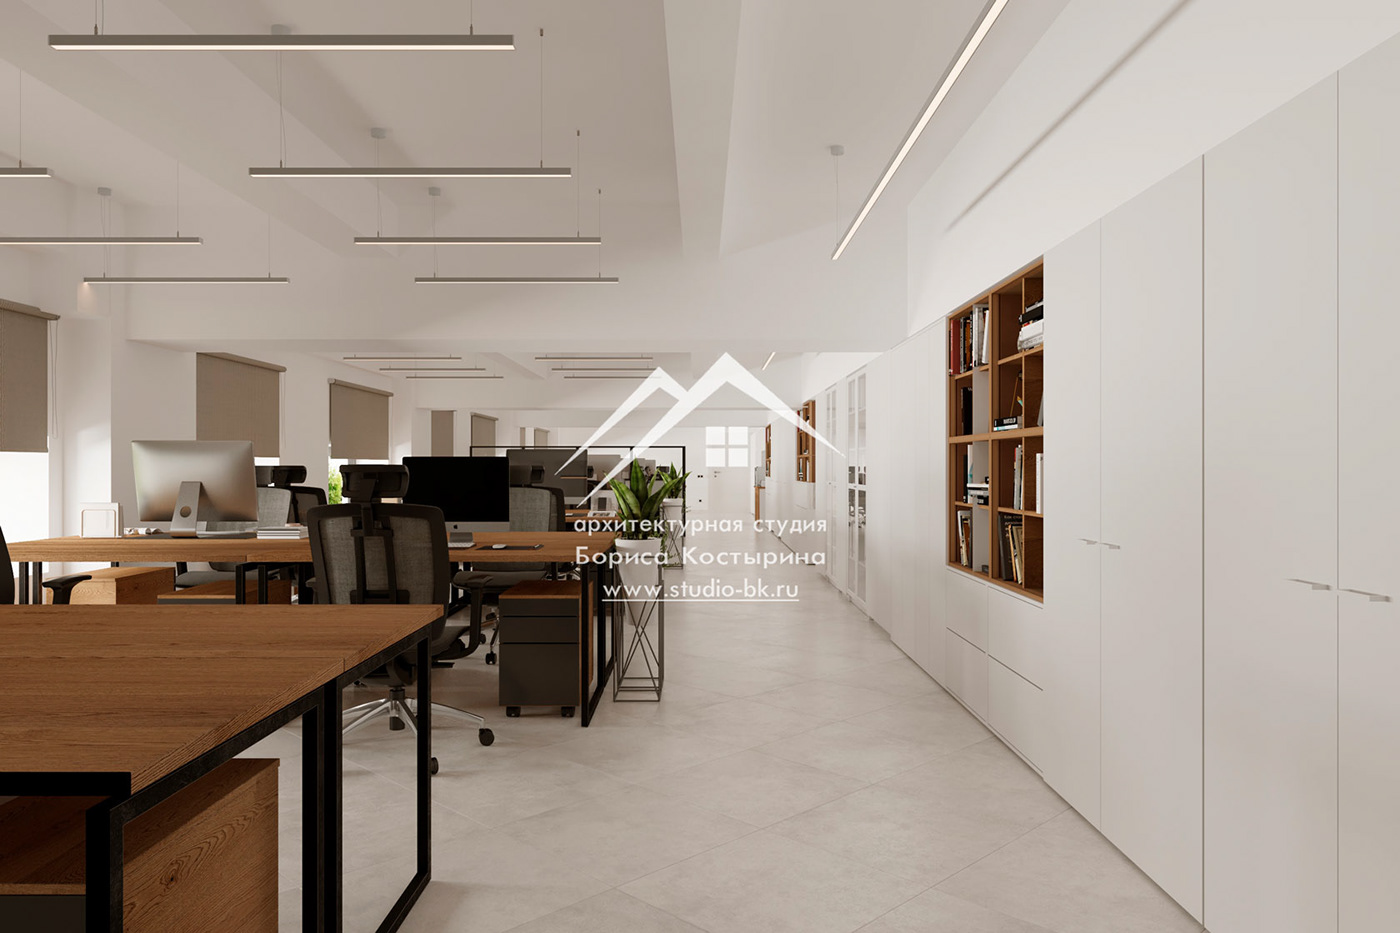 дизайн-проект офиса интерьер офиса  офис в современном стиле